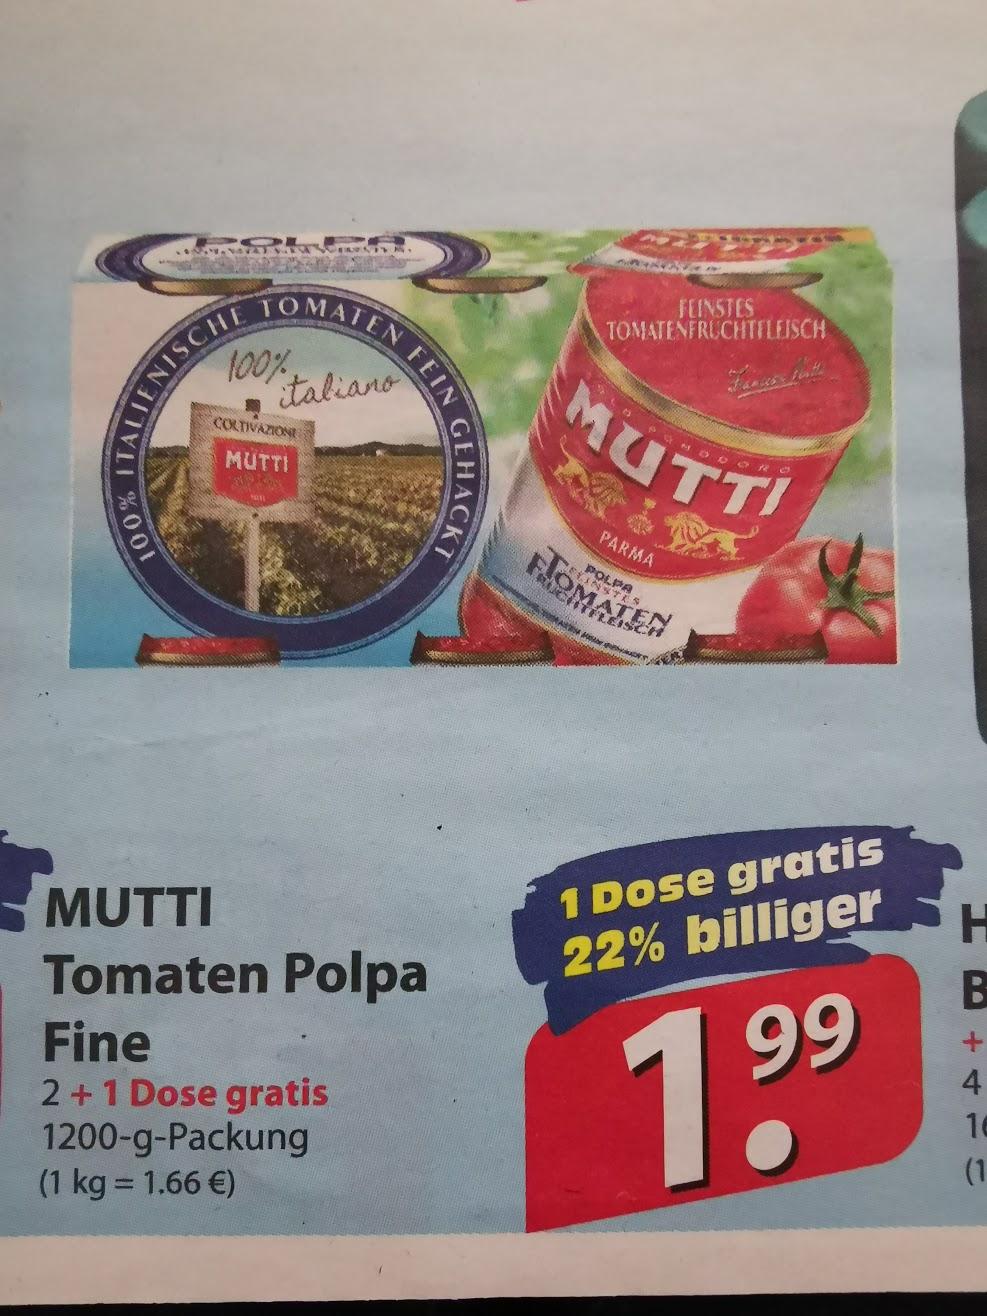 [Famila Nordost] Mutti Polpa Tomatenfruchtfleisch 3X400g Dose für 1,99€